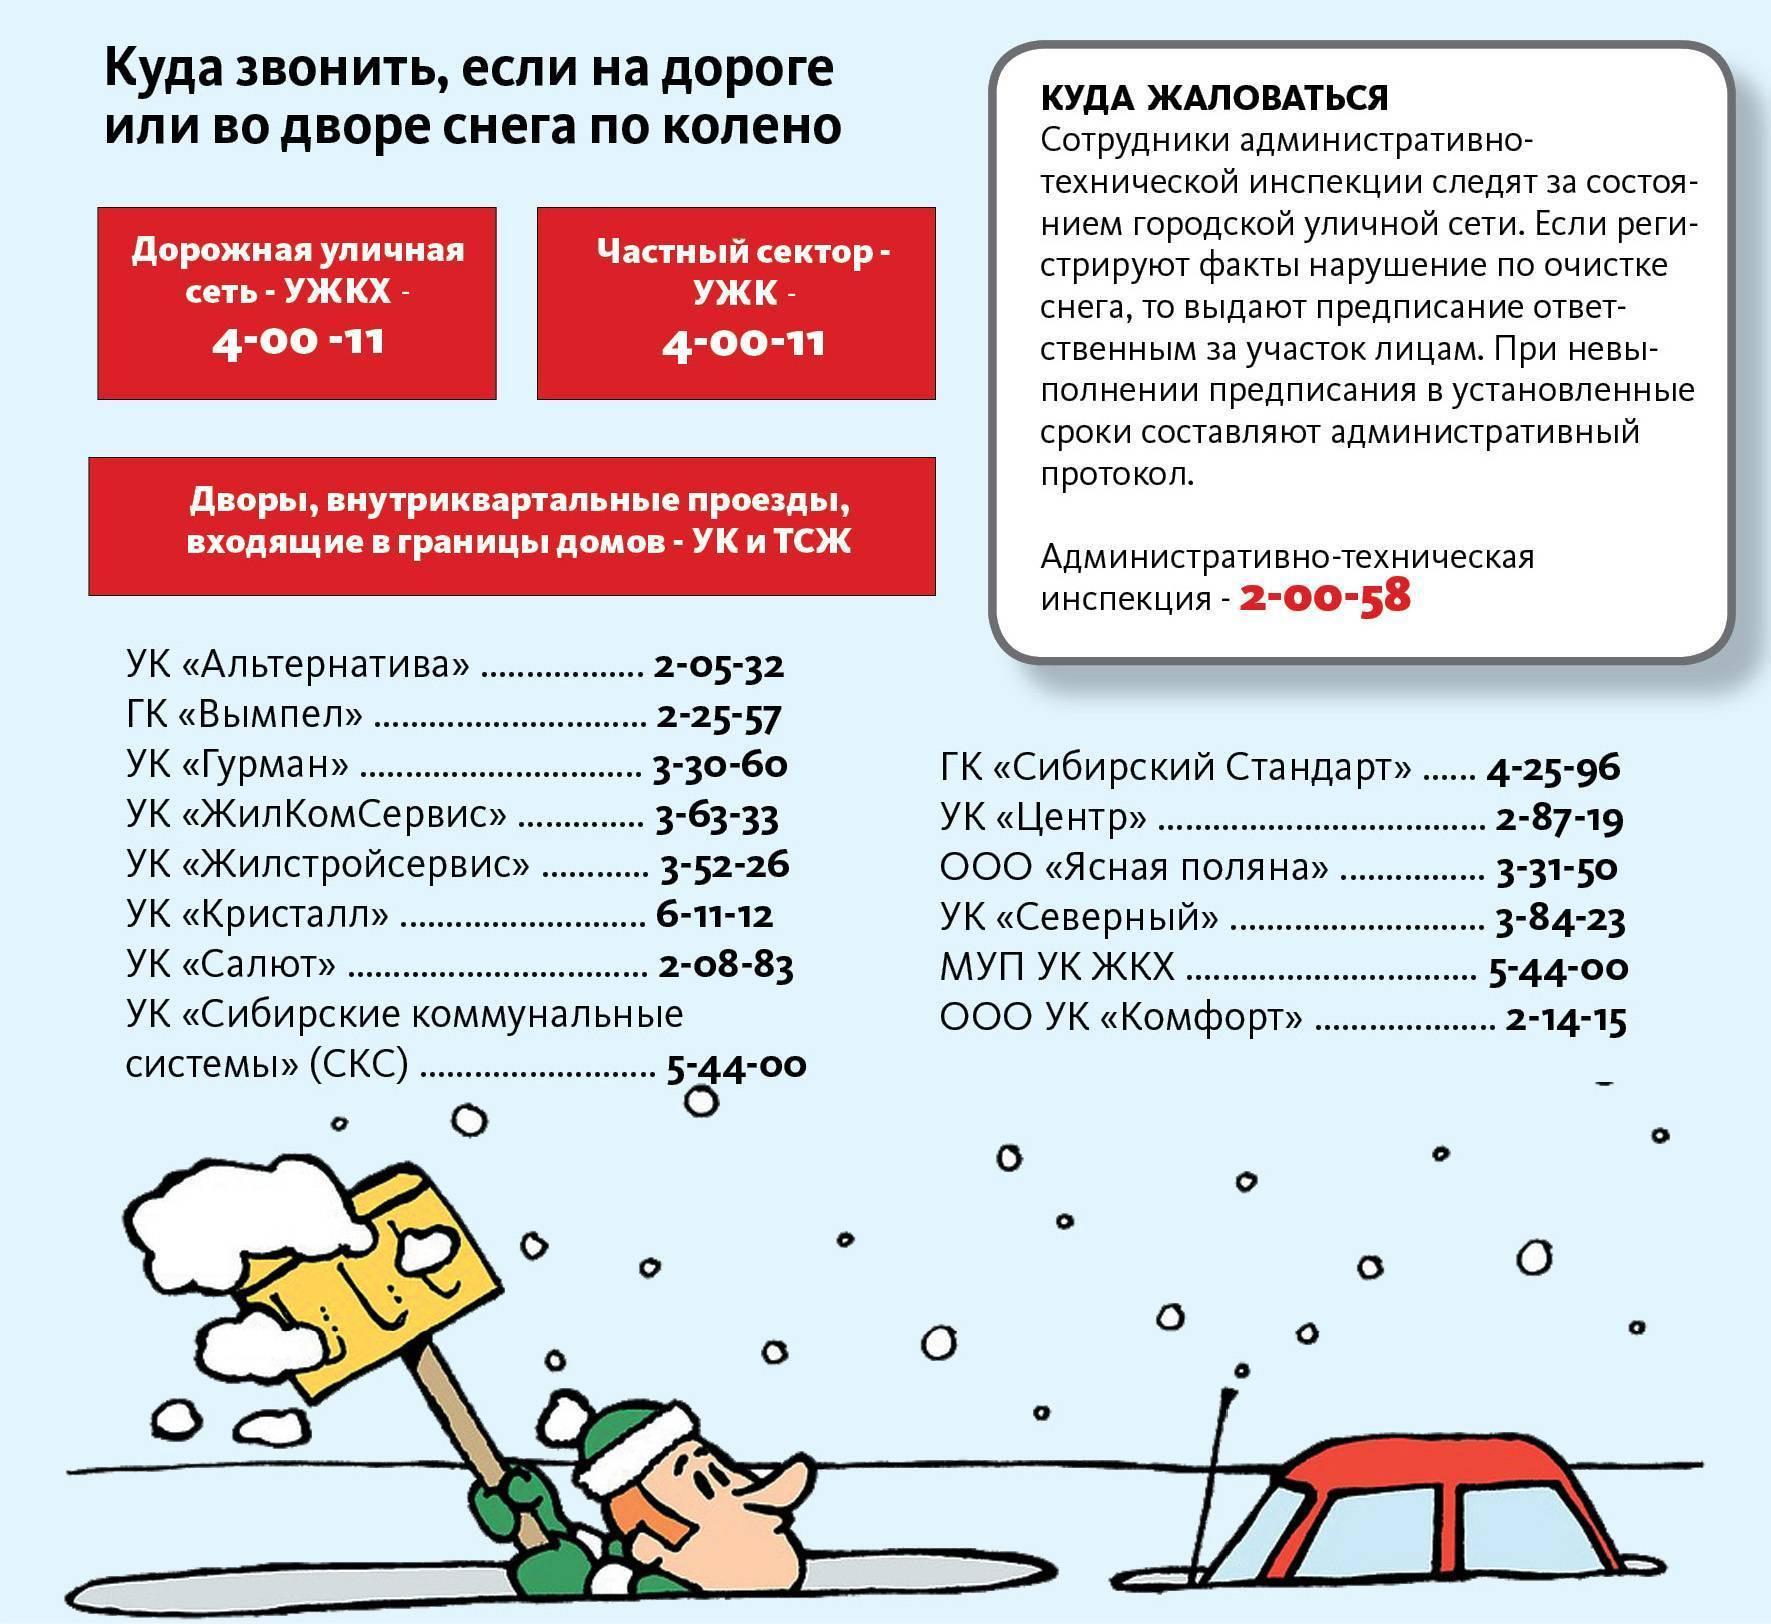 Обращения по звонкам, если нет отопления в москве в 2020 году